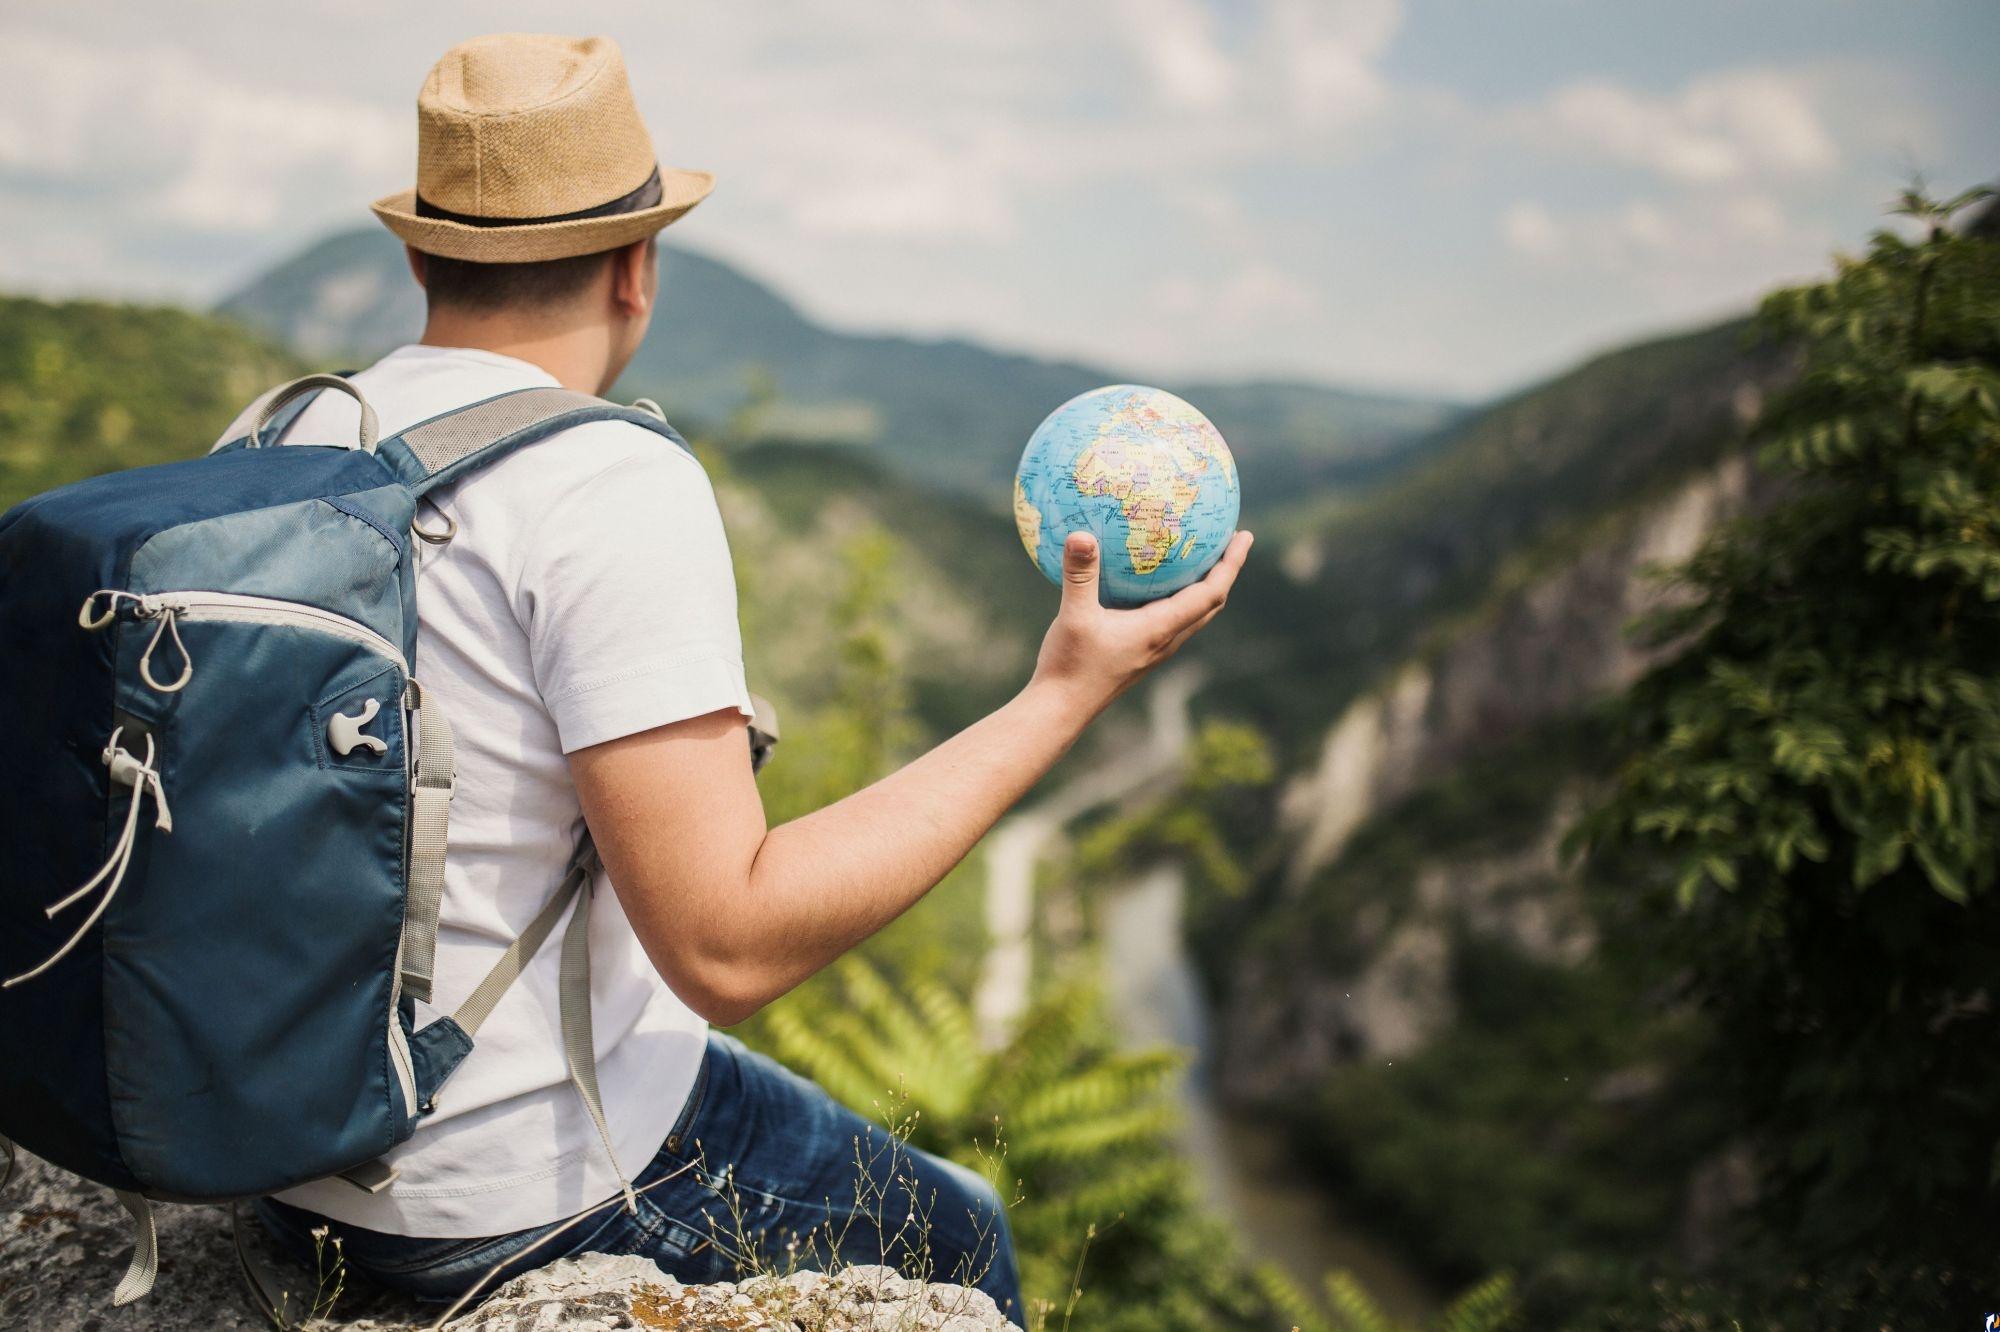 Про путешествия: 3 полезных совета начинающим! в домашних условиях | для девушек и мужчин